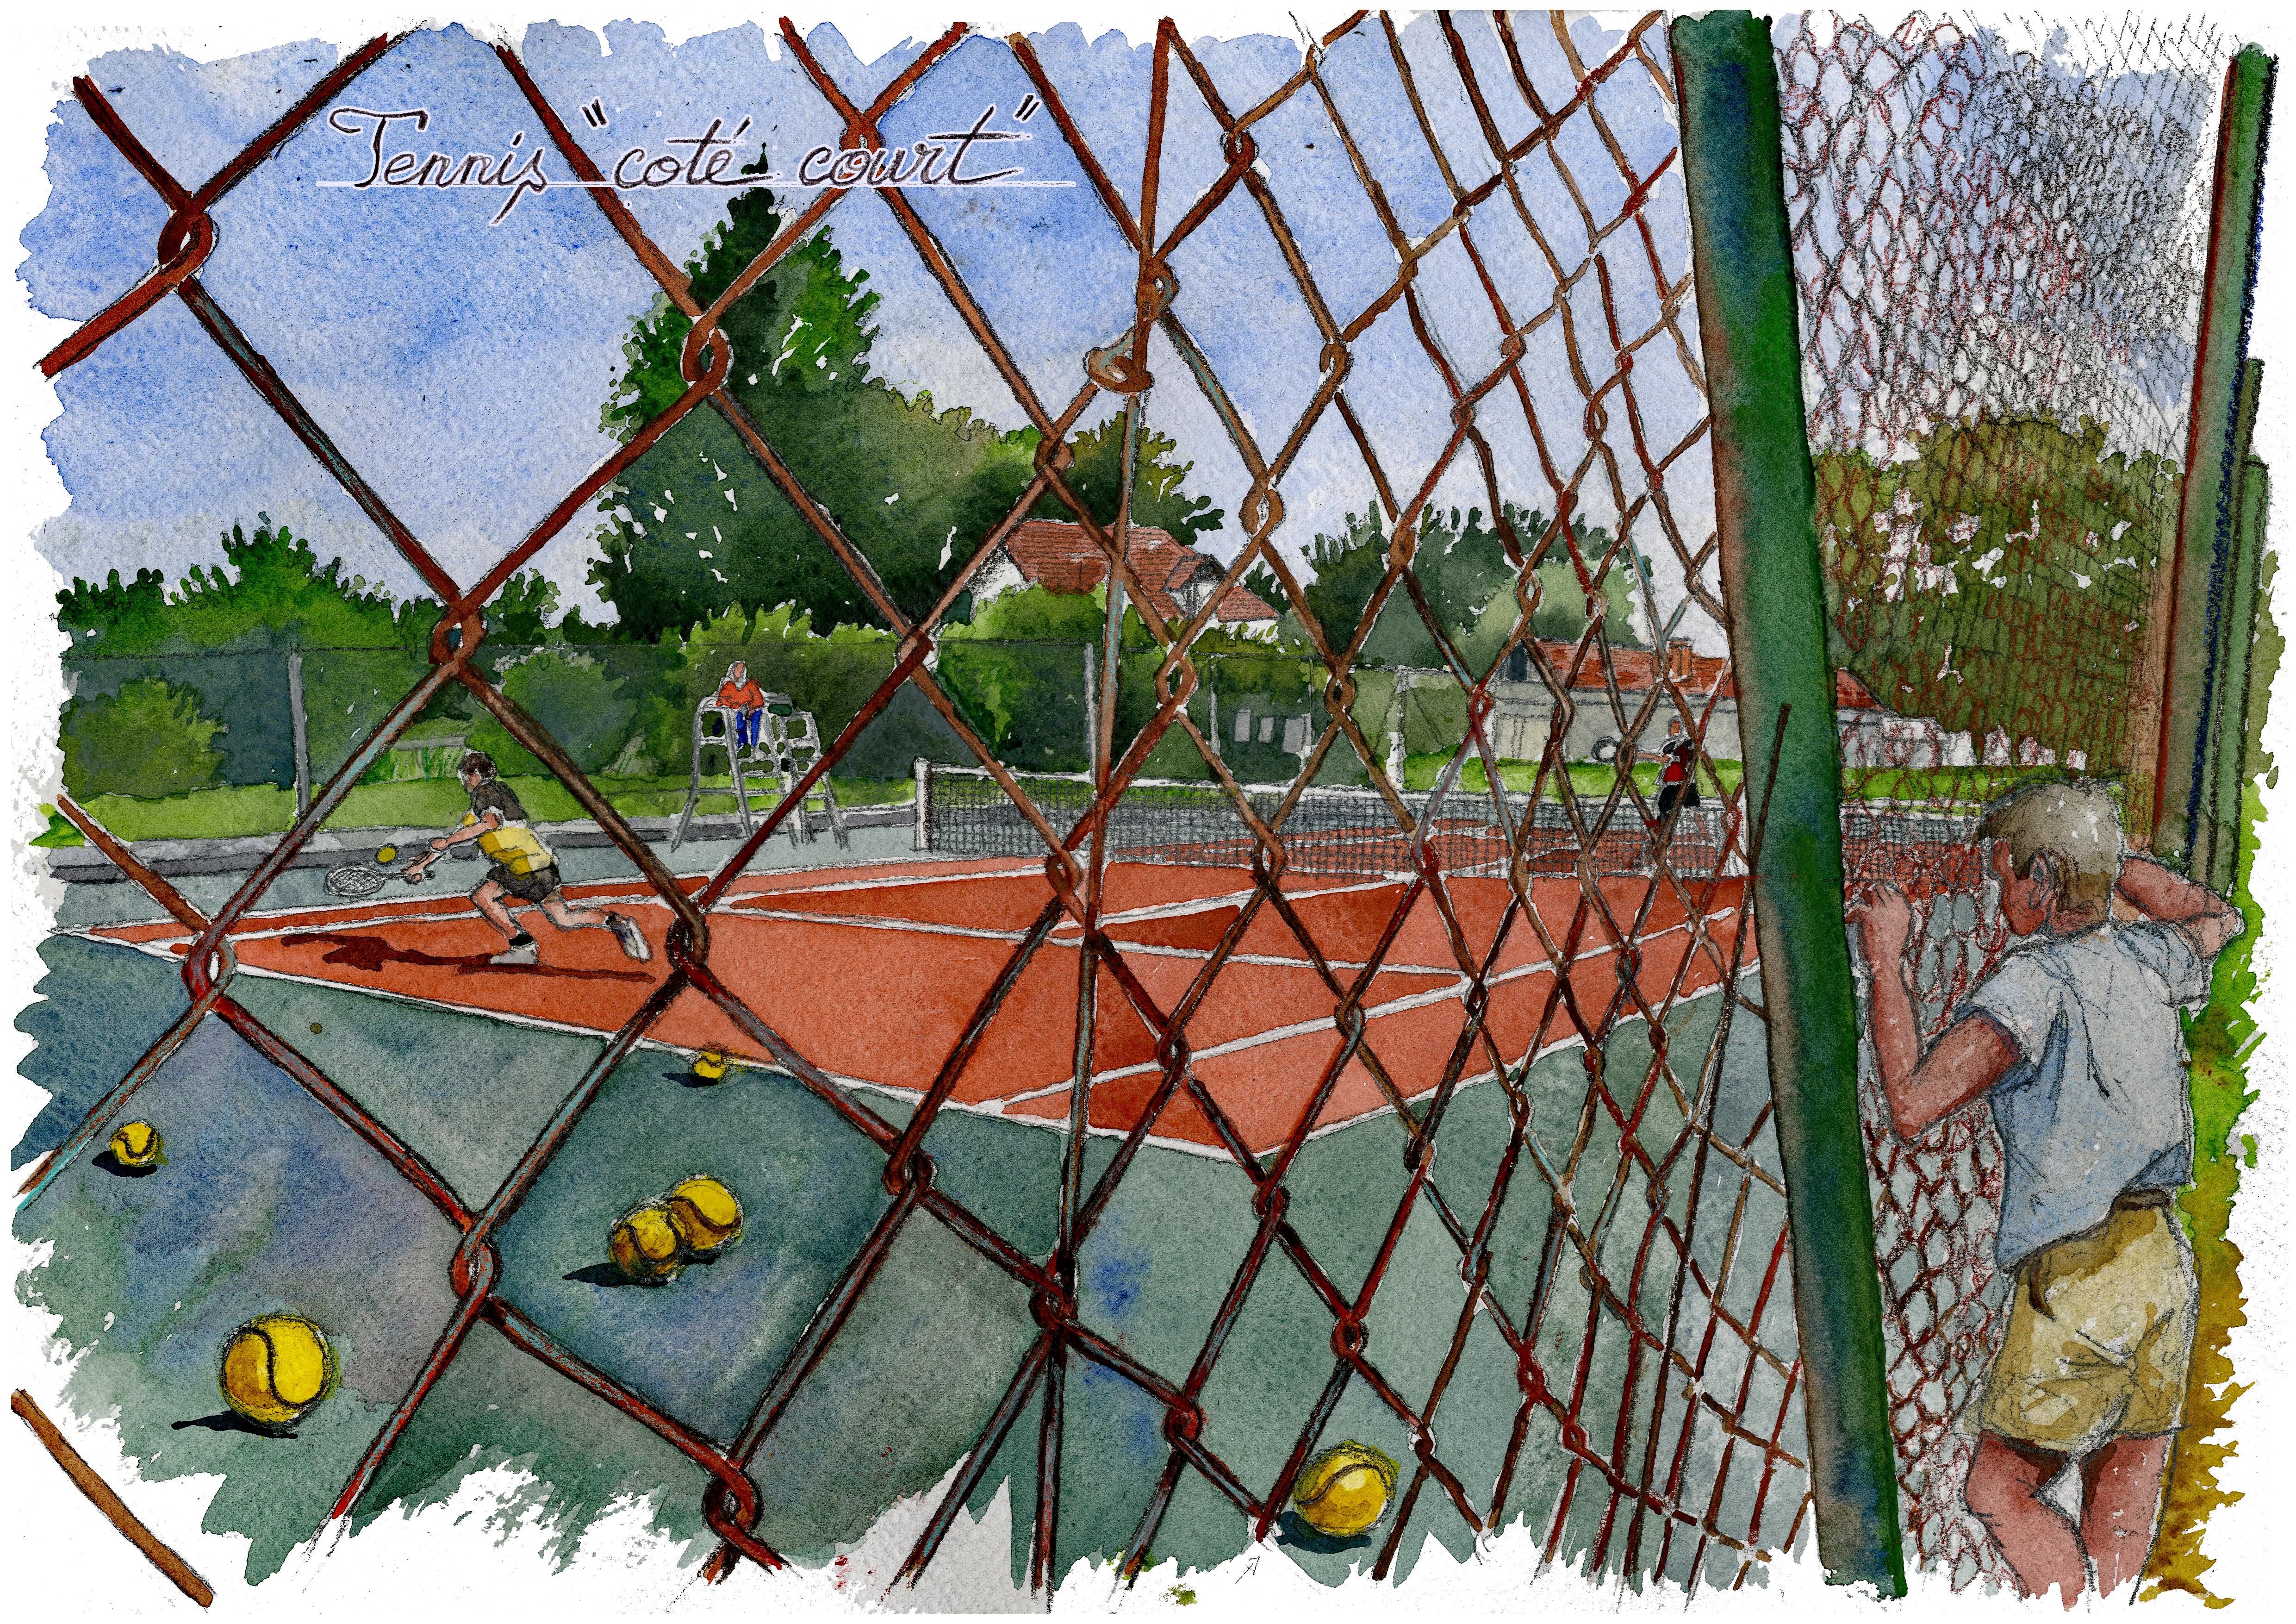 10-Tennis coté court